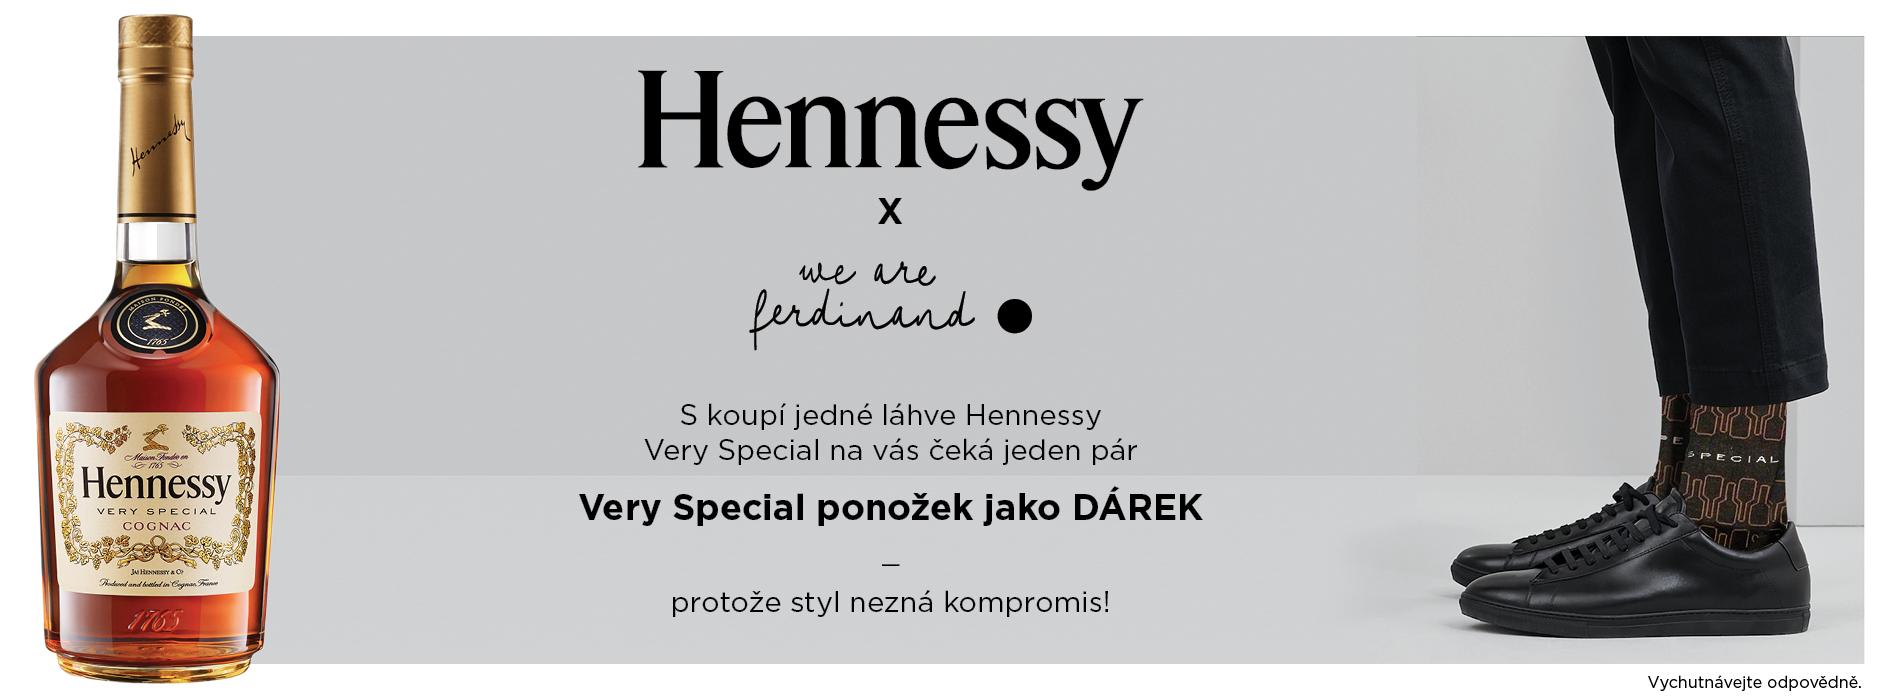 Hennessy VS 0,7l 40% Giftbox + Dárek Hennessy ponožky